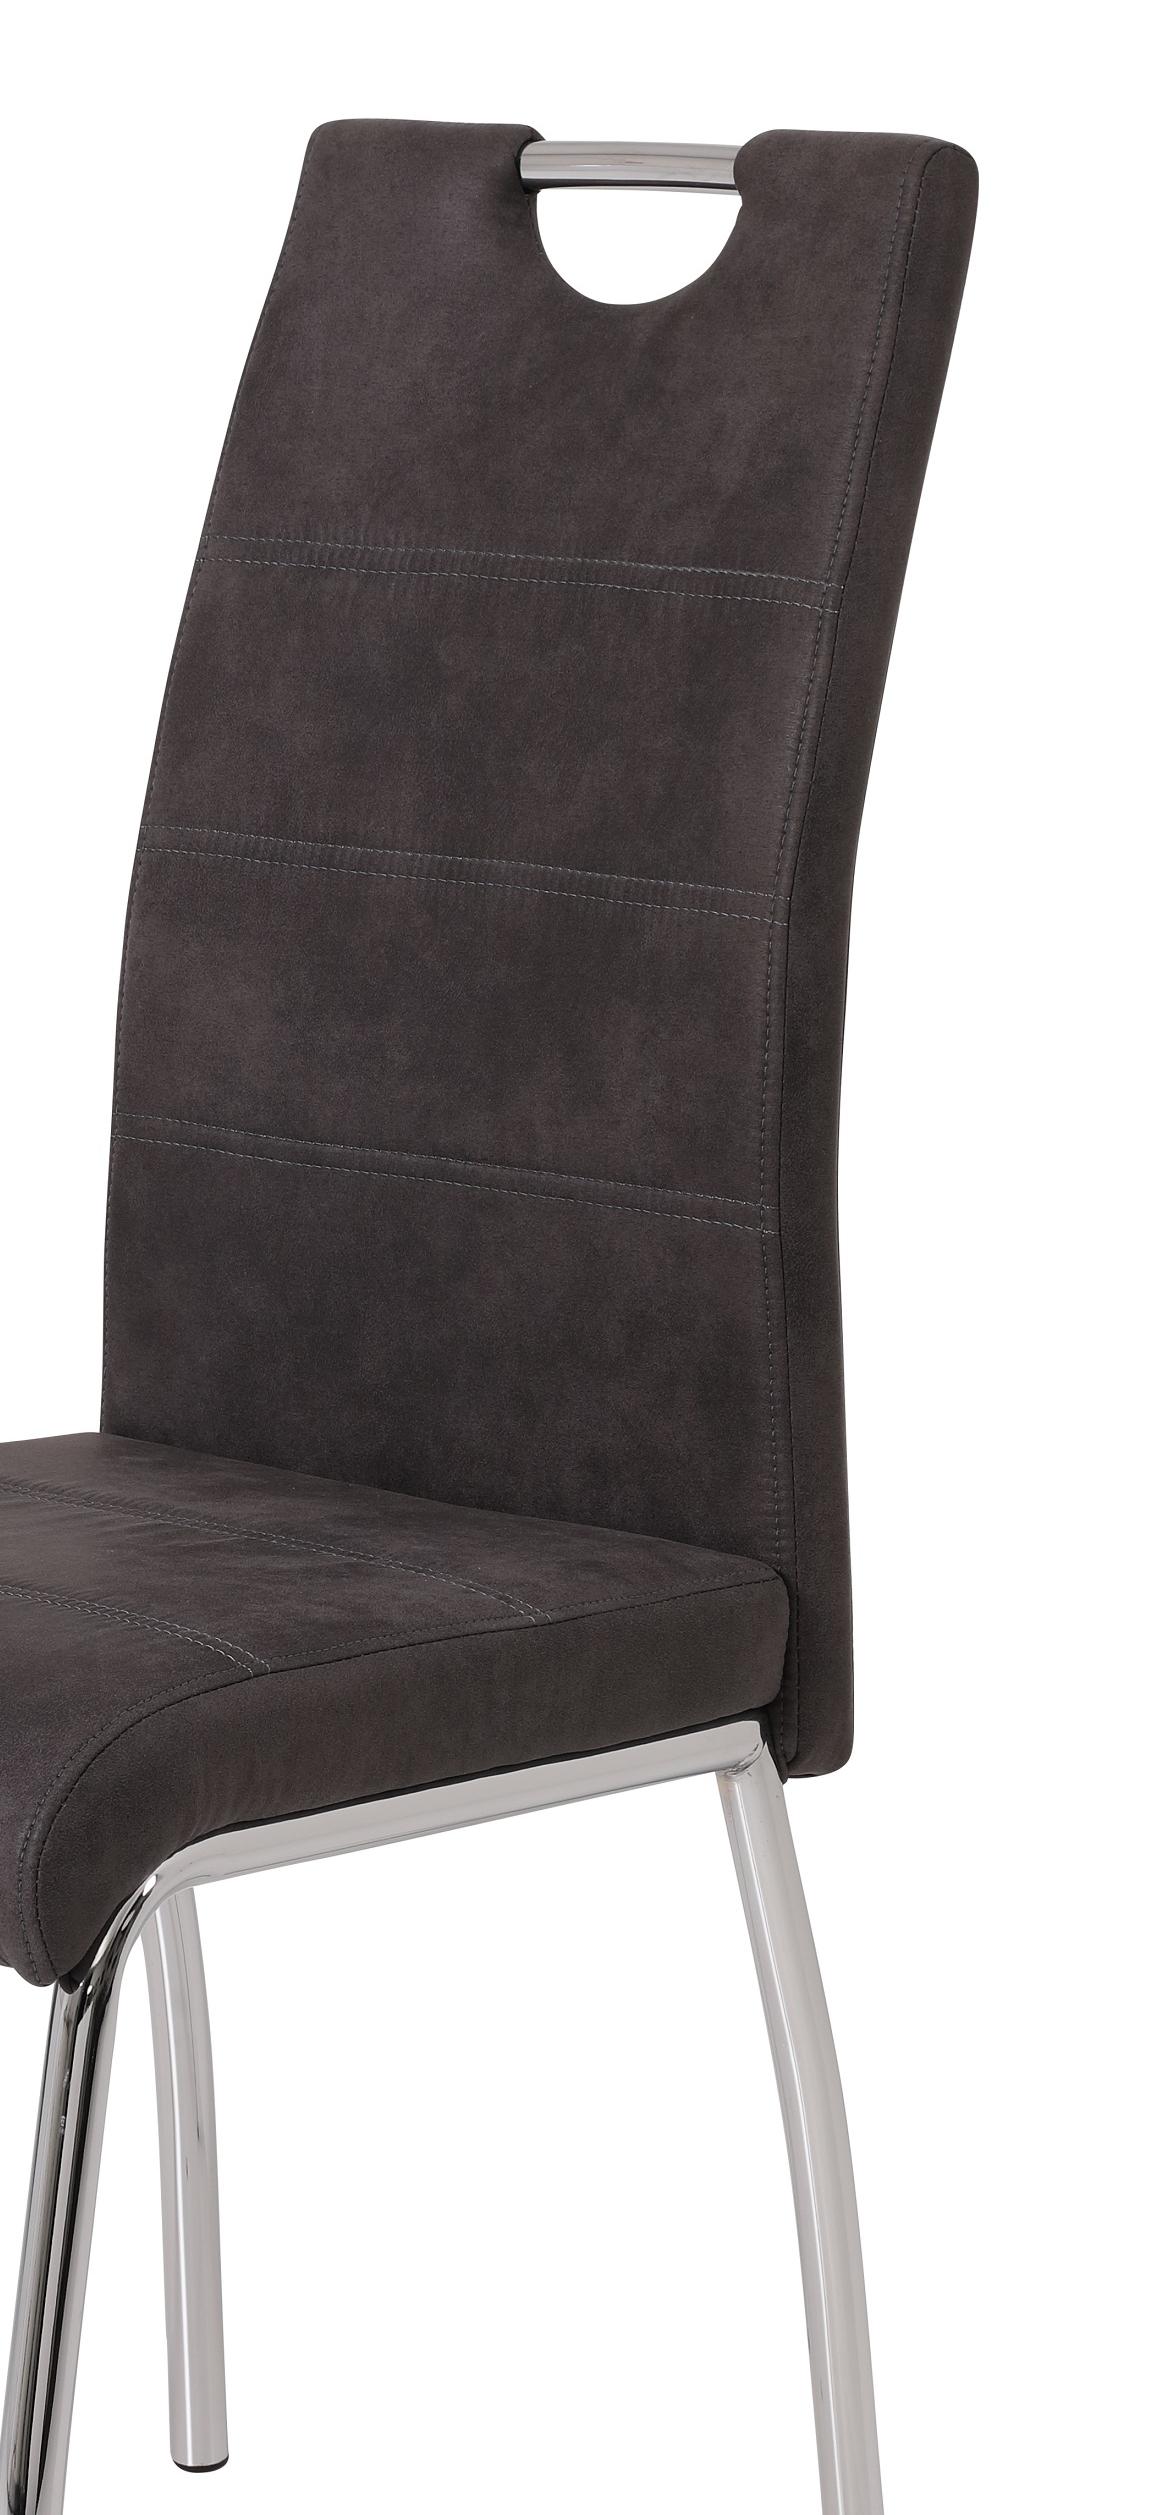 2 Stühle=Set Vierfussstuhl Stuhl Susi II S 46 Microfaser Vintage Anthrazit